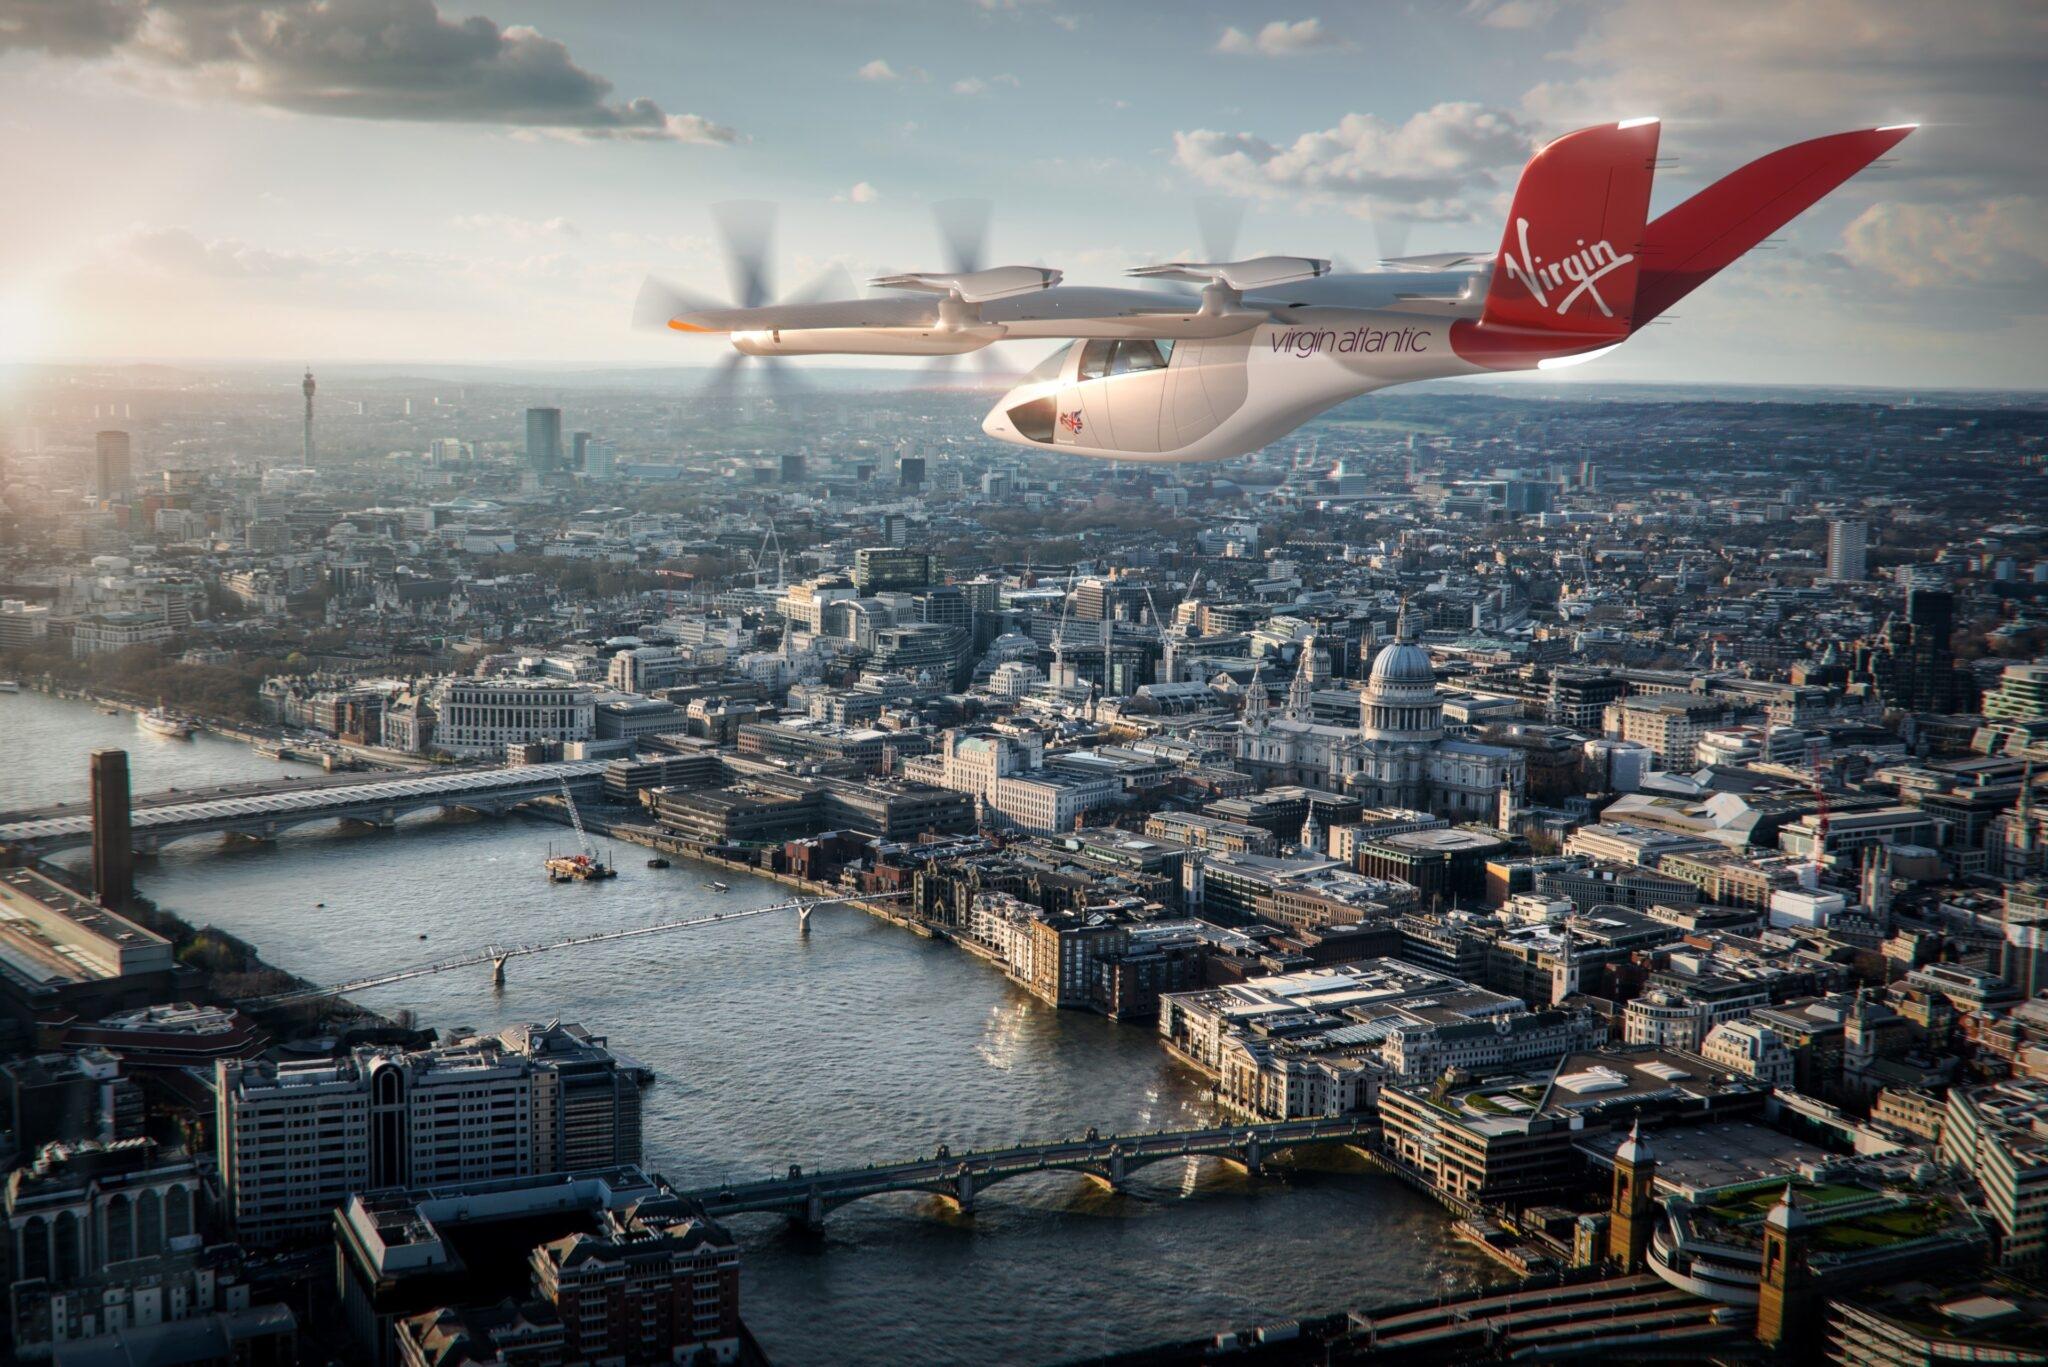 飞在天上的出租!美航和维珍航空购买400架电动垂直起降飞机